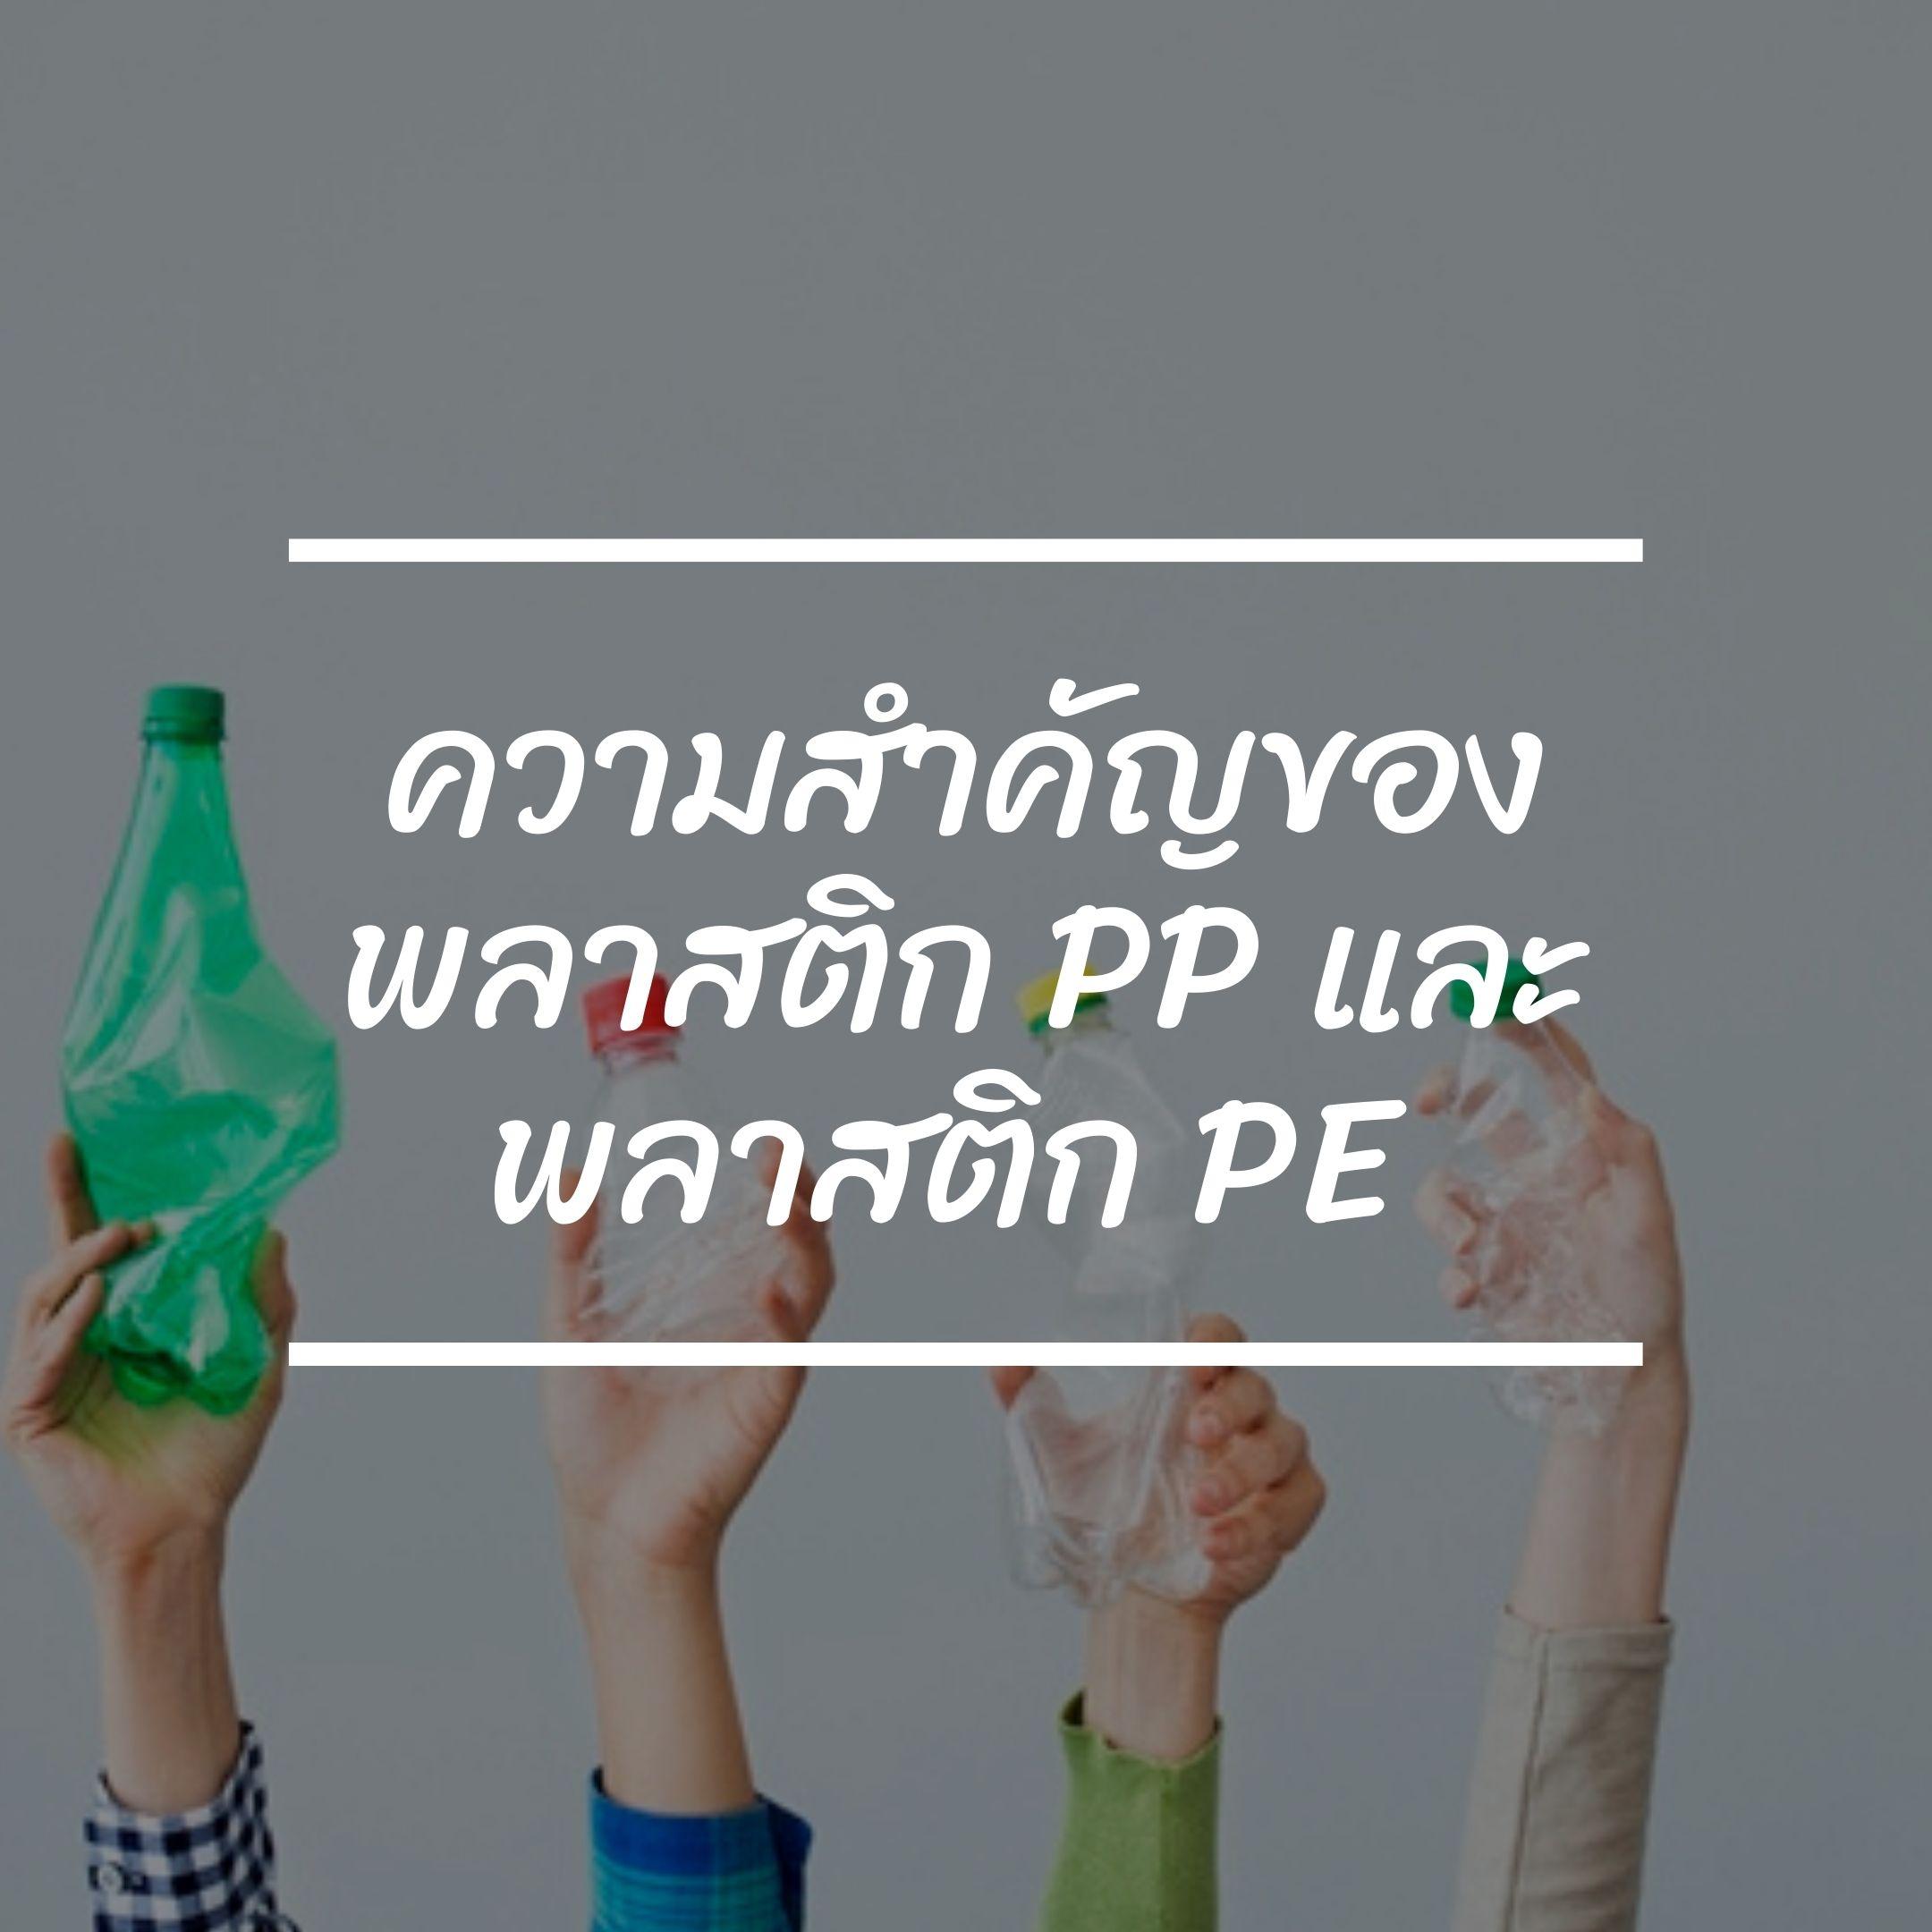 ความสำคัญของพลาสติก PP และพลาสติก PE พลาสติก 2 ประเภทนี้คืออะไรกันนะ